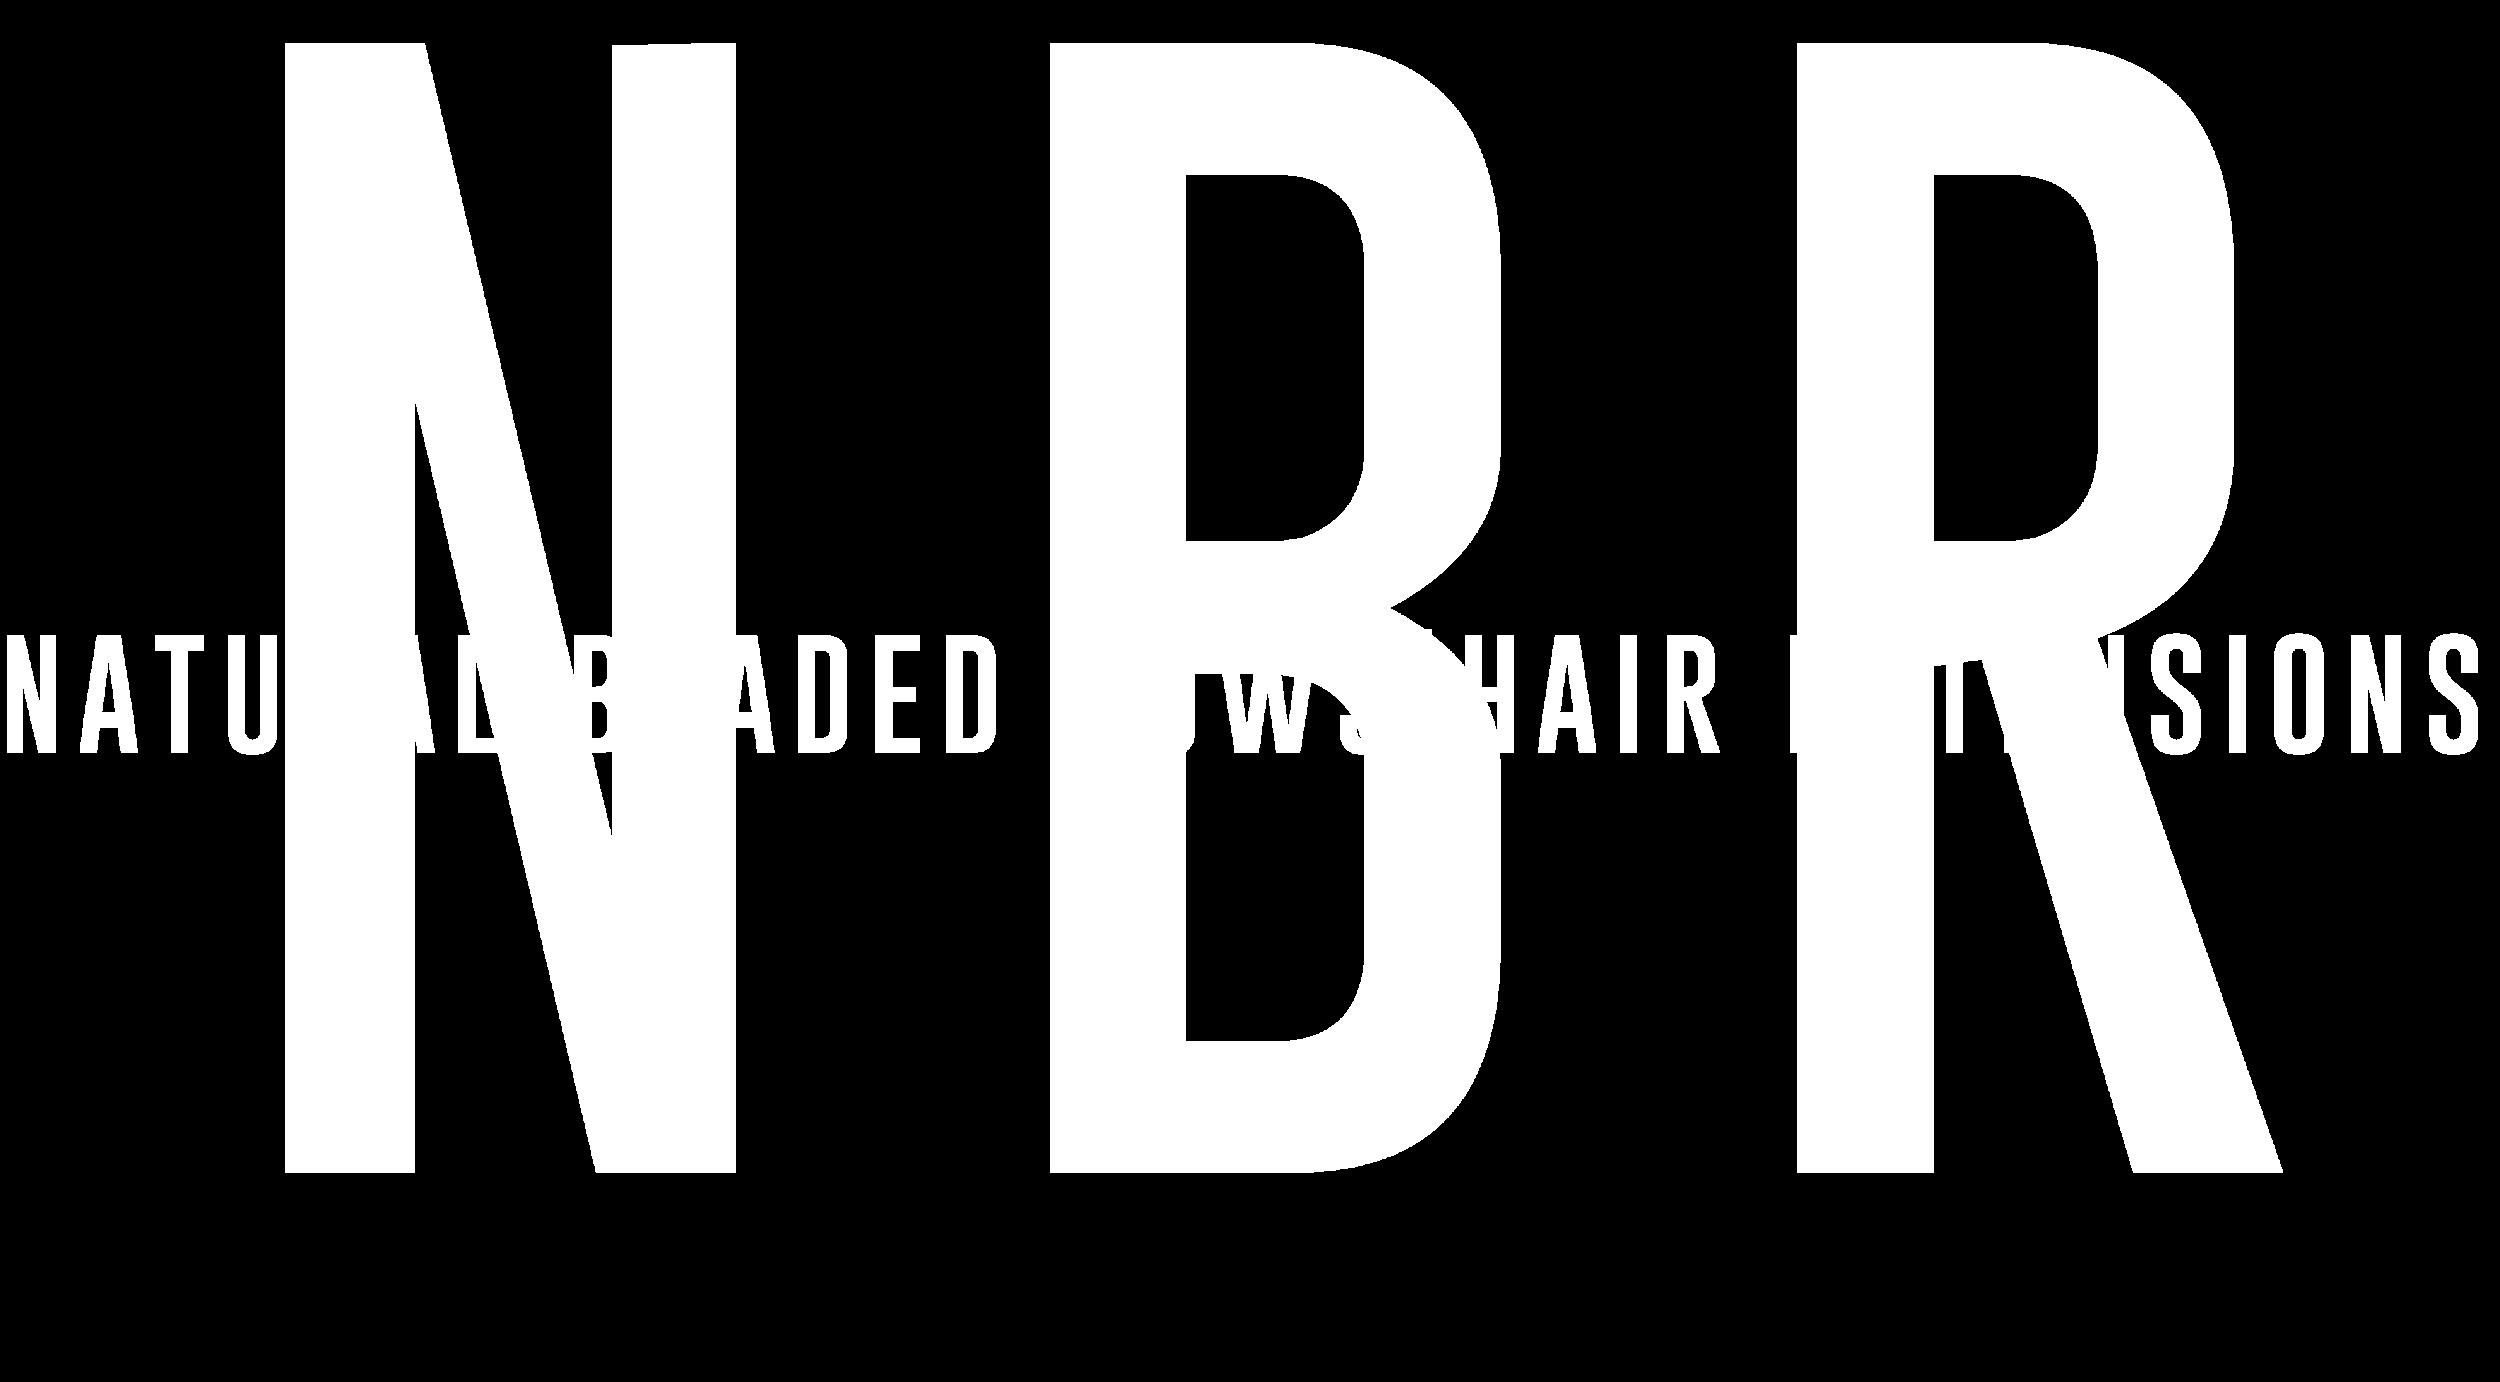 NBR.png